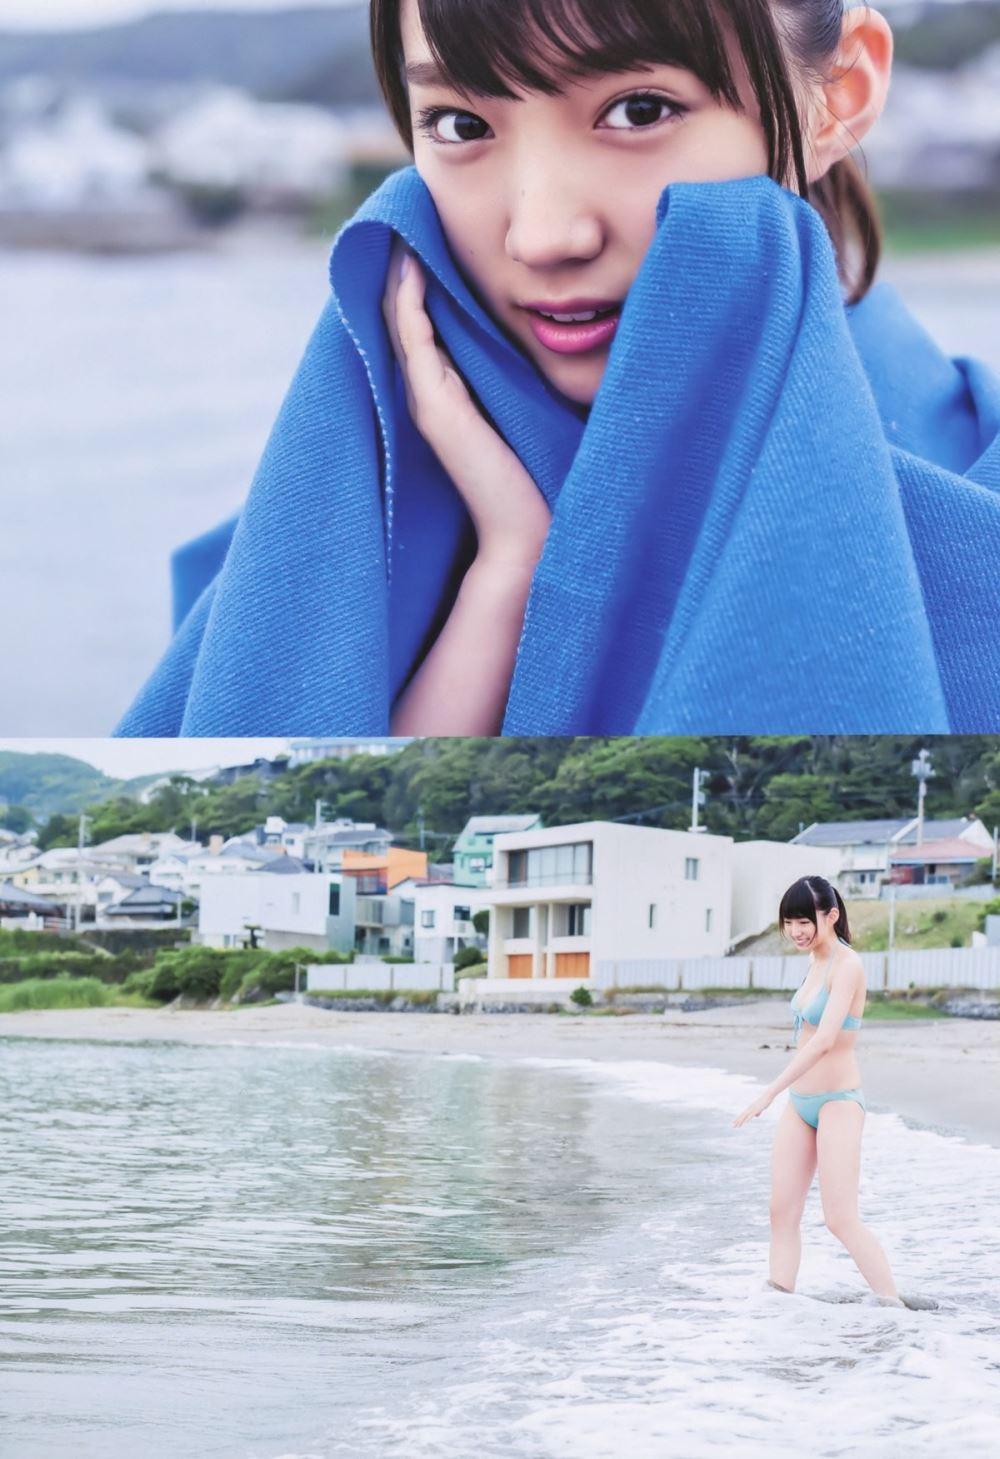 太田夢莉 1万年に1人 可愛い アイドル 水着 画像 26